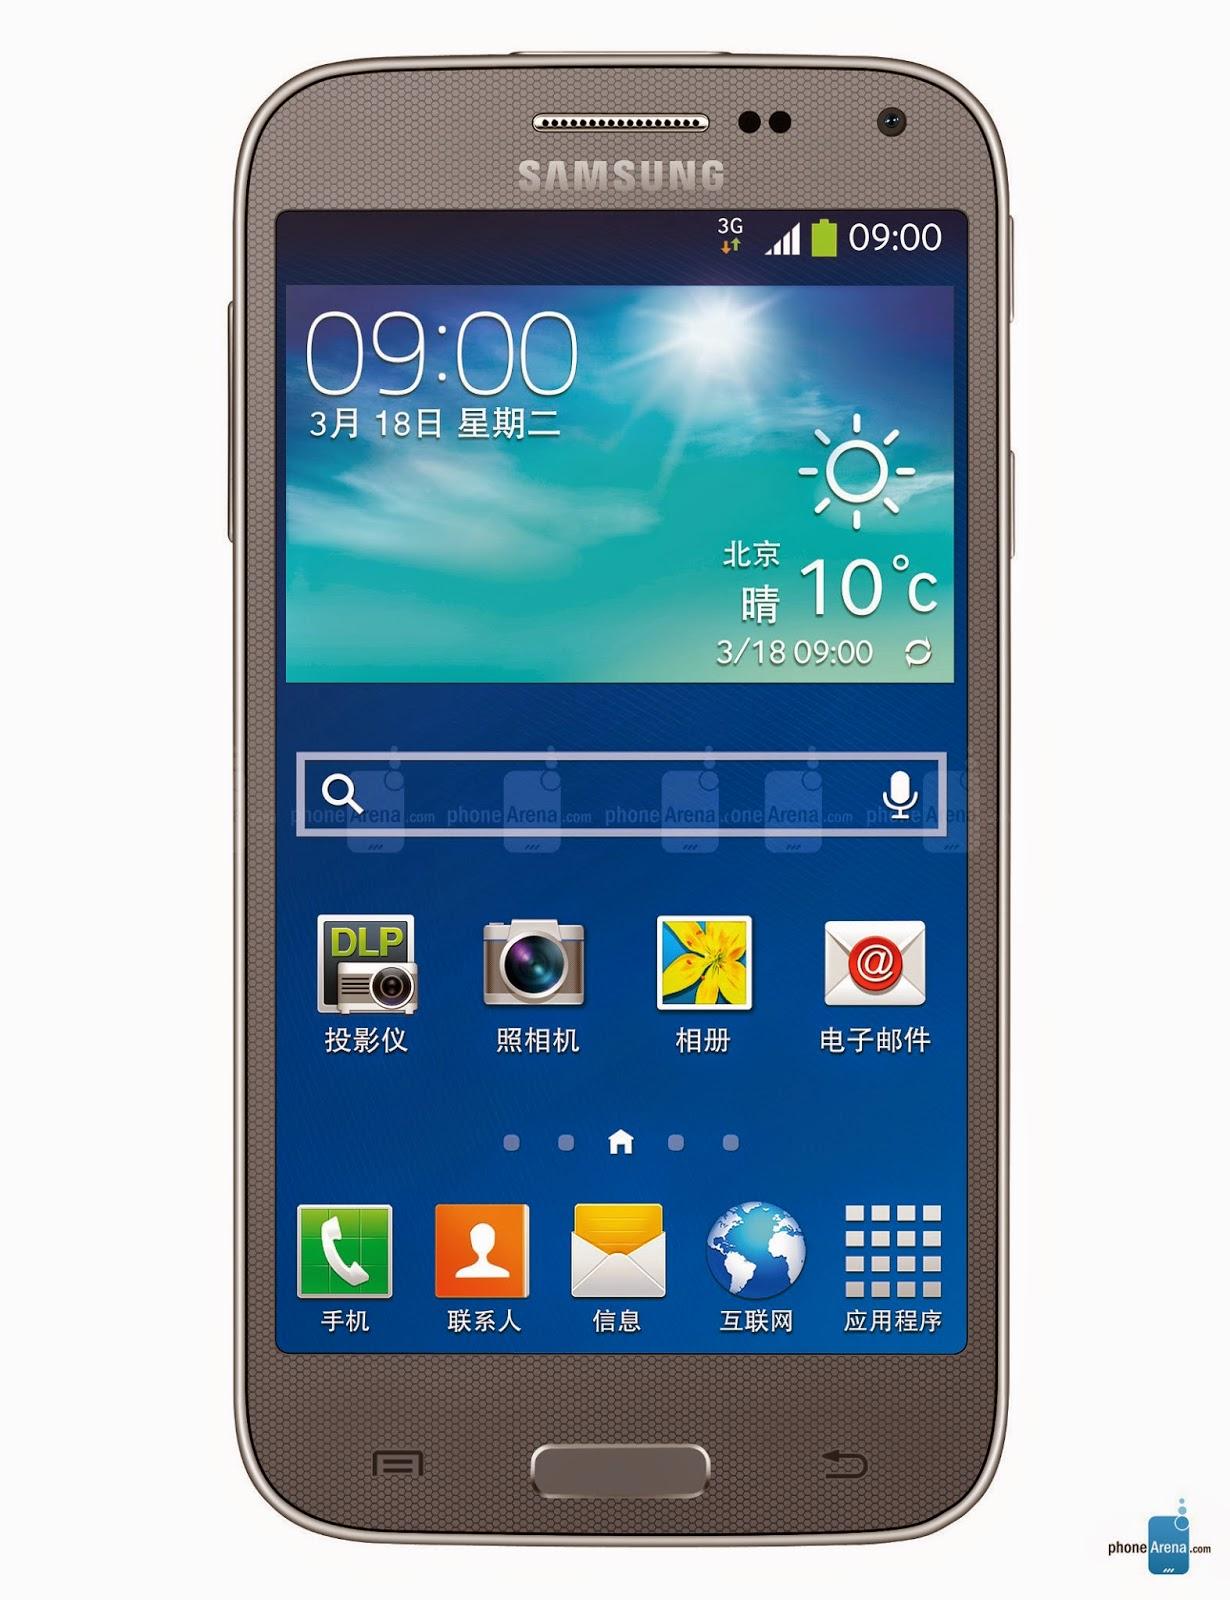 Картинки для Samsung, скачивайте бесплатные картинки  - картинки скачать бесплатно на телефон самсунг